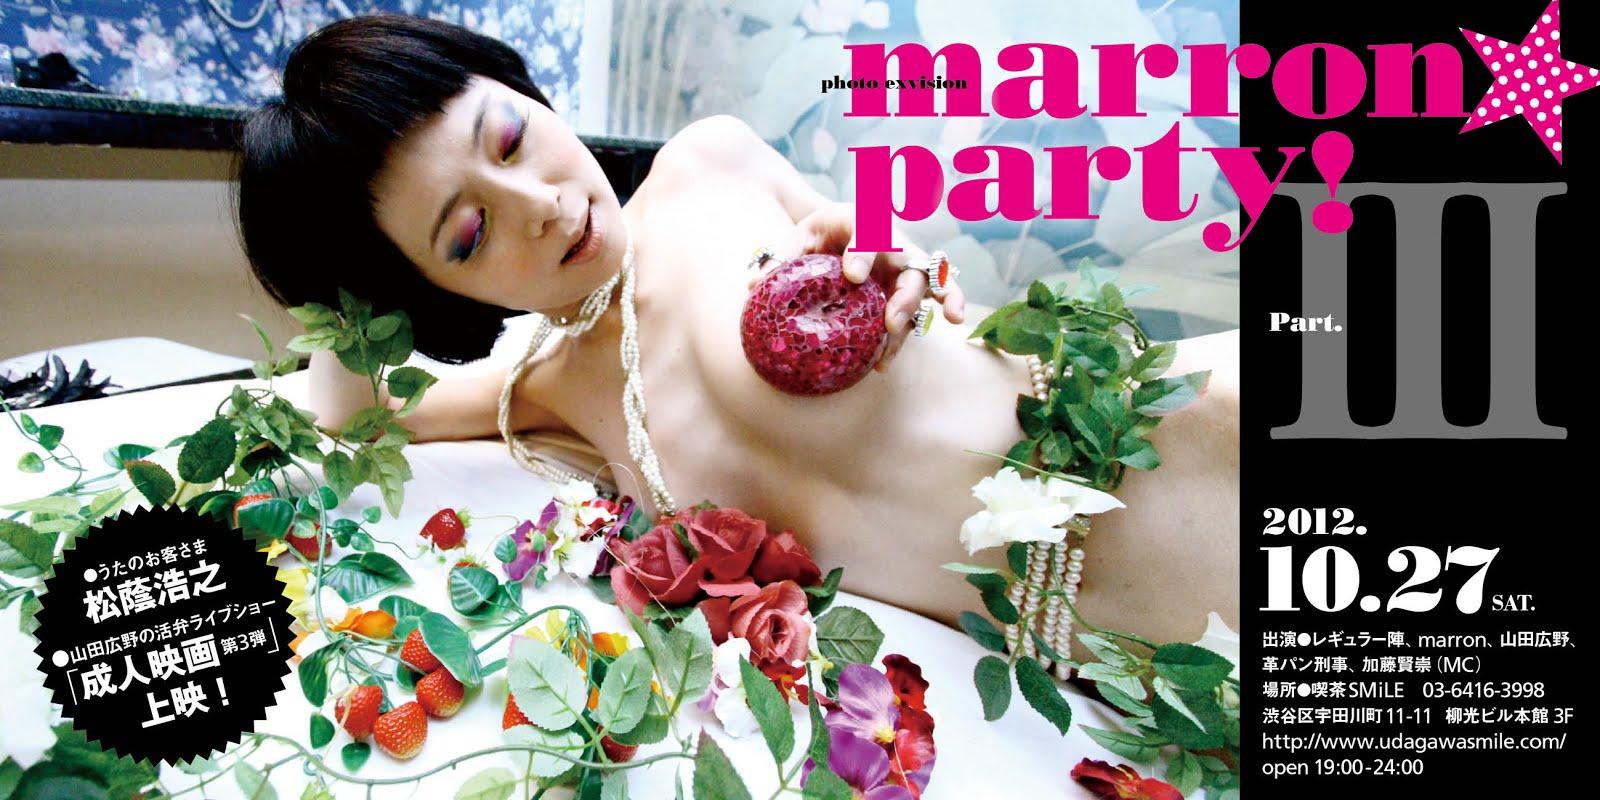 マロン写真展「marron☆party!partⅢ」